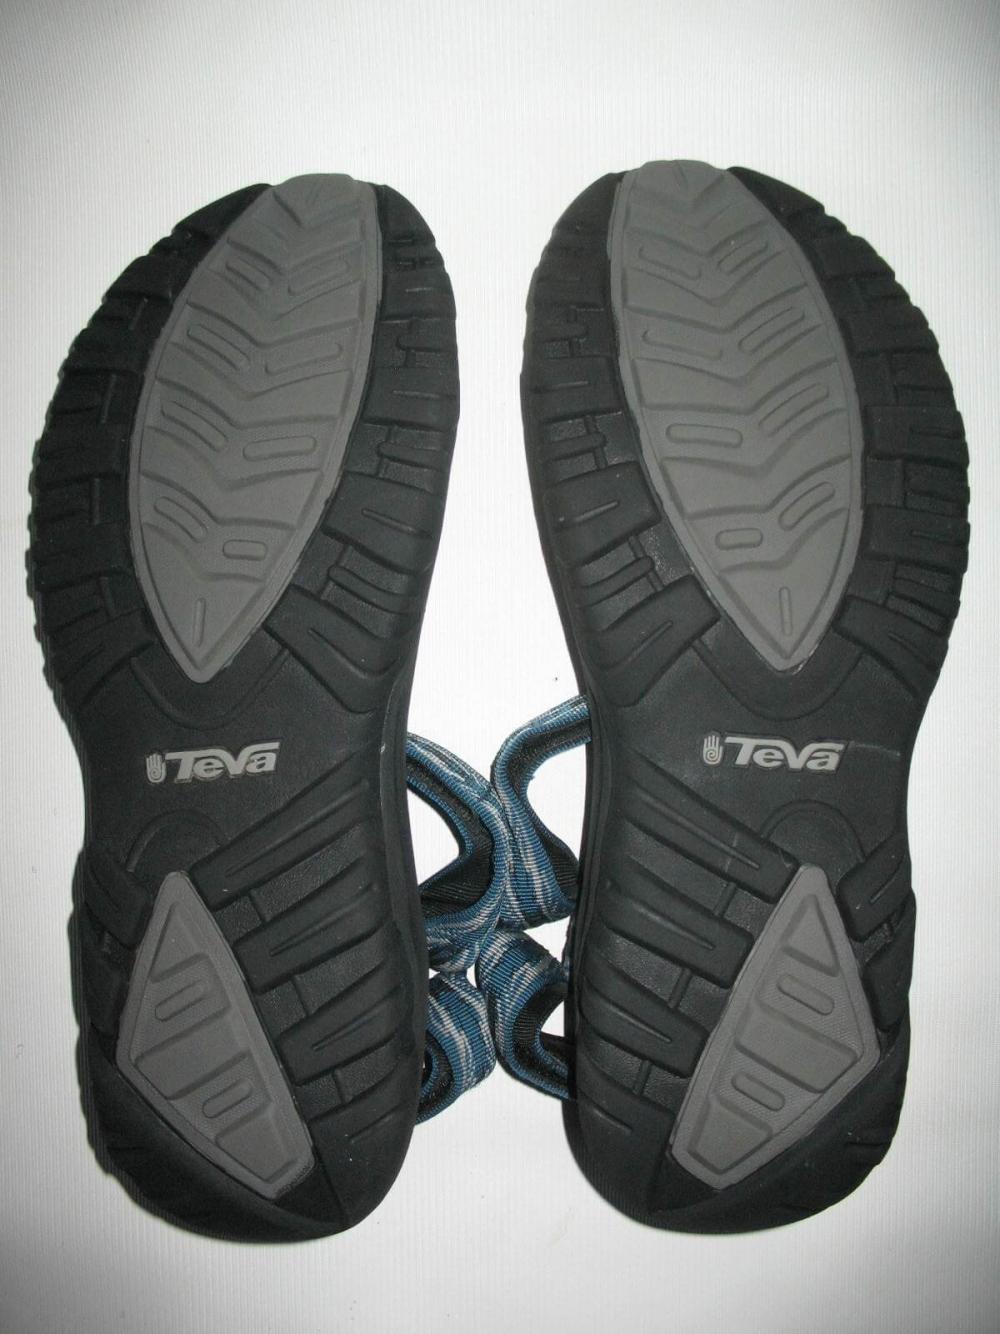 Сандалии TEVA hurricane sandal (размер UK13/US14/EU48,5(на стопу до 320mm)) - 6